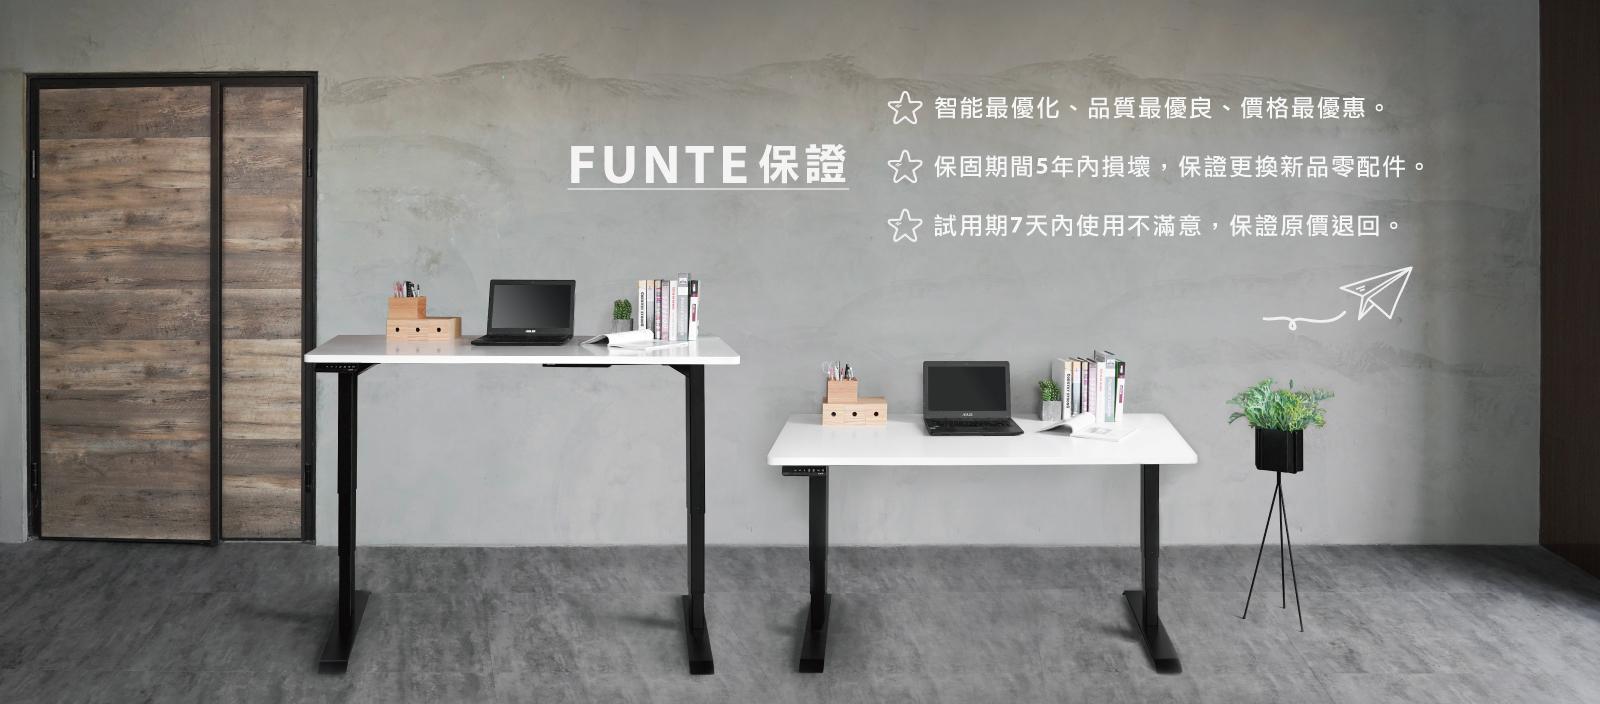 funte 電動升降桌,升降桌,工作桌,站立桌